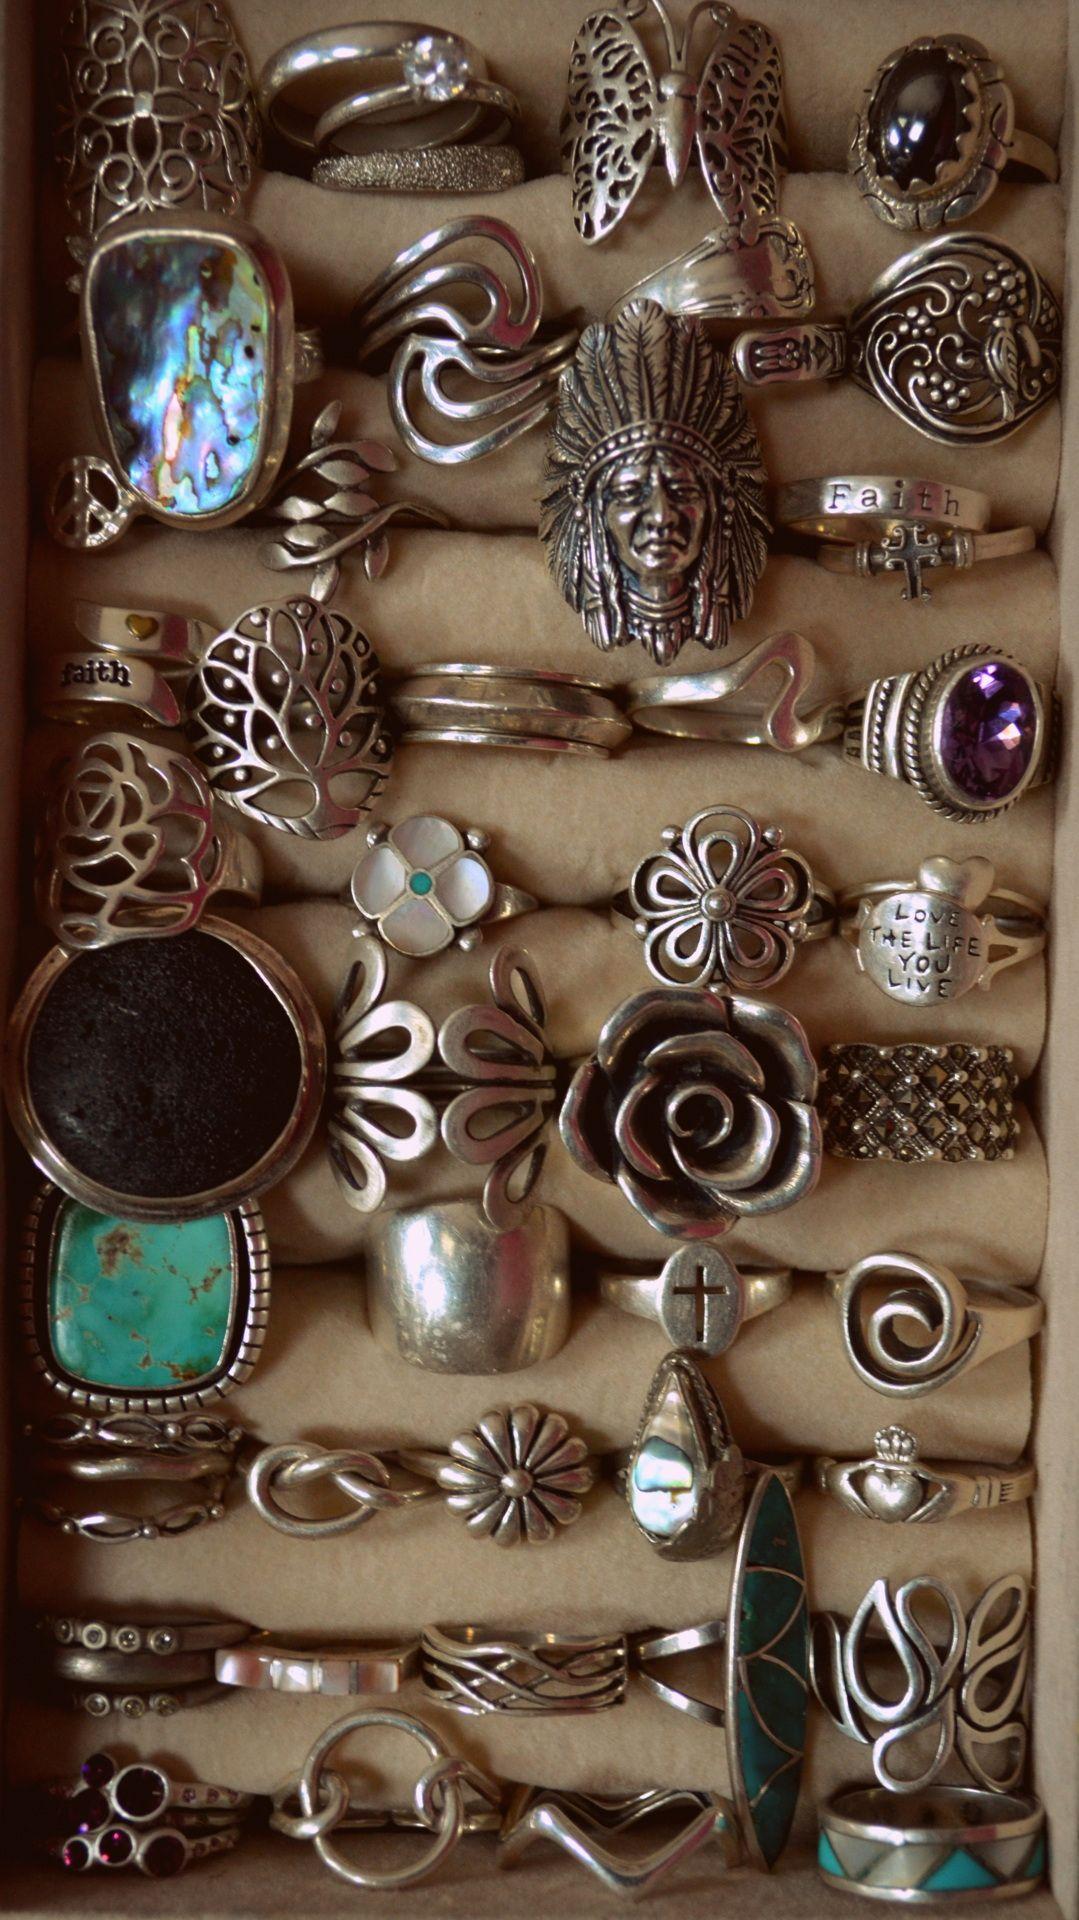 rings on rings on rings :)